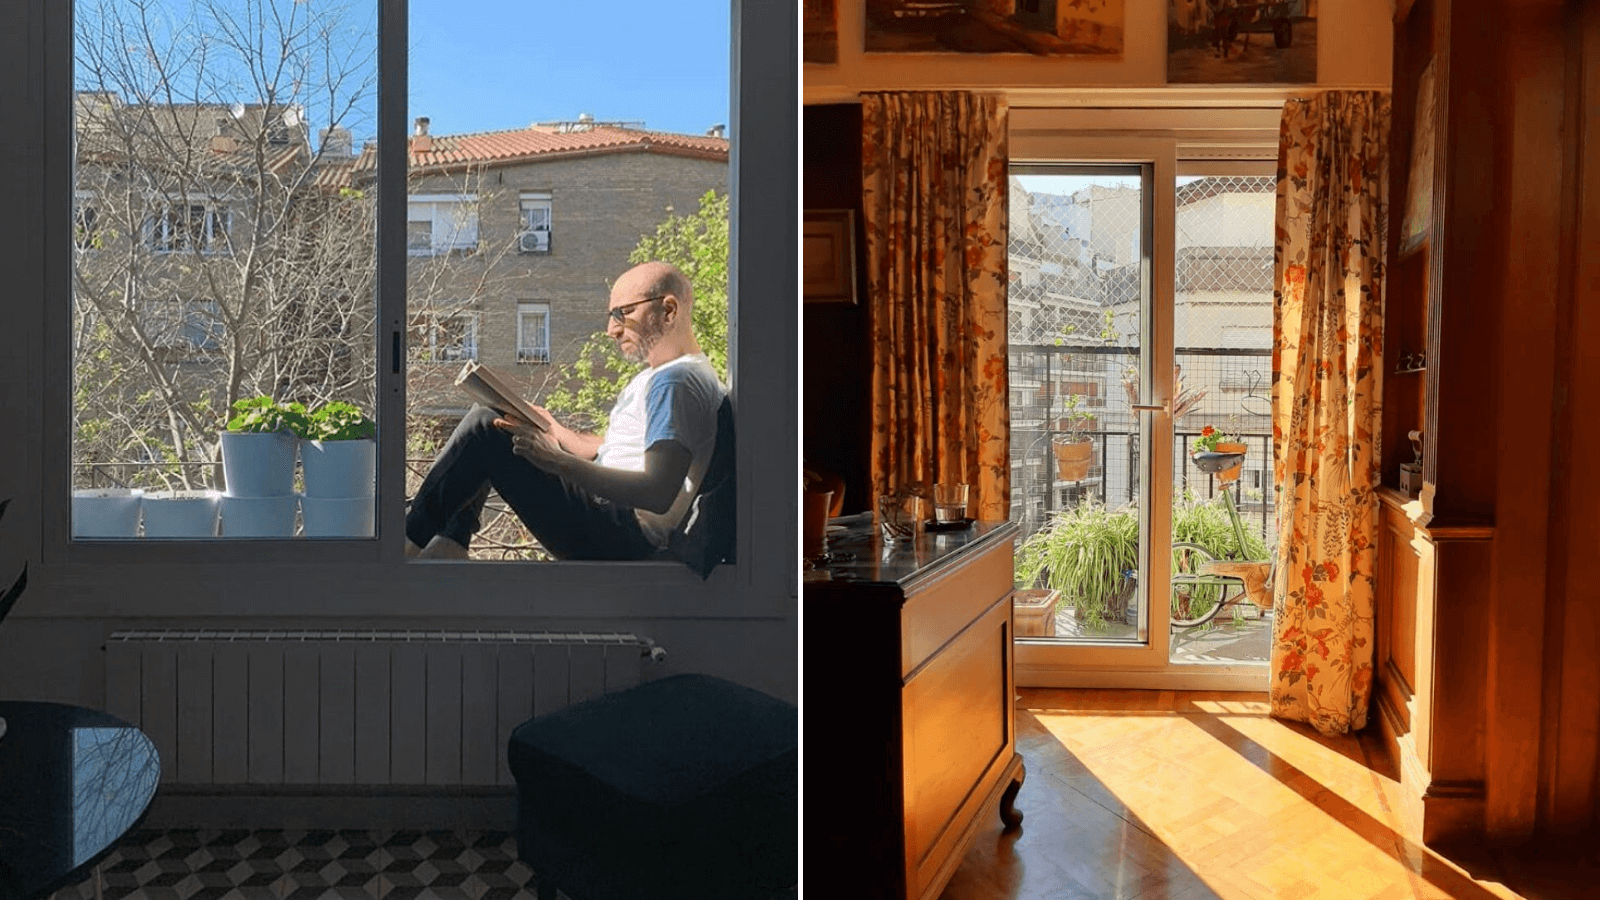 Esta cuenta de Instagram te invita a retratar las ventanas de tu casa, rescatando su importancia ante los días de confinamiento 1